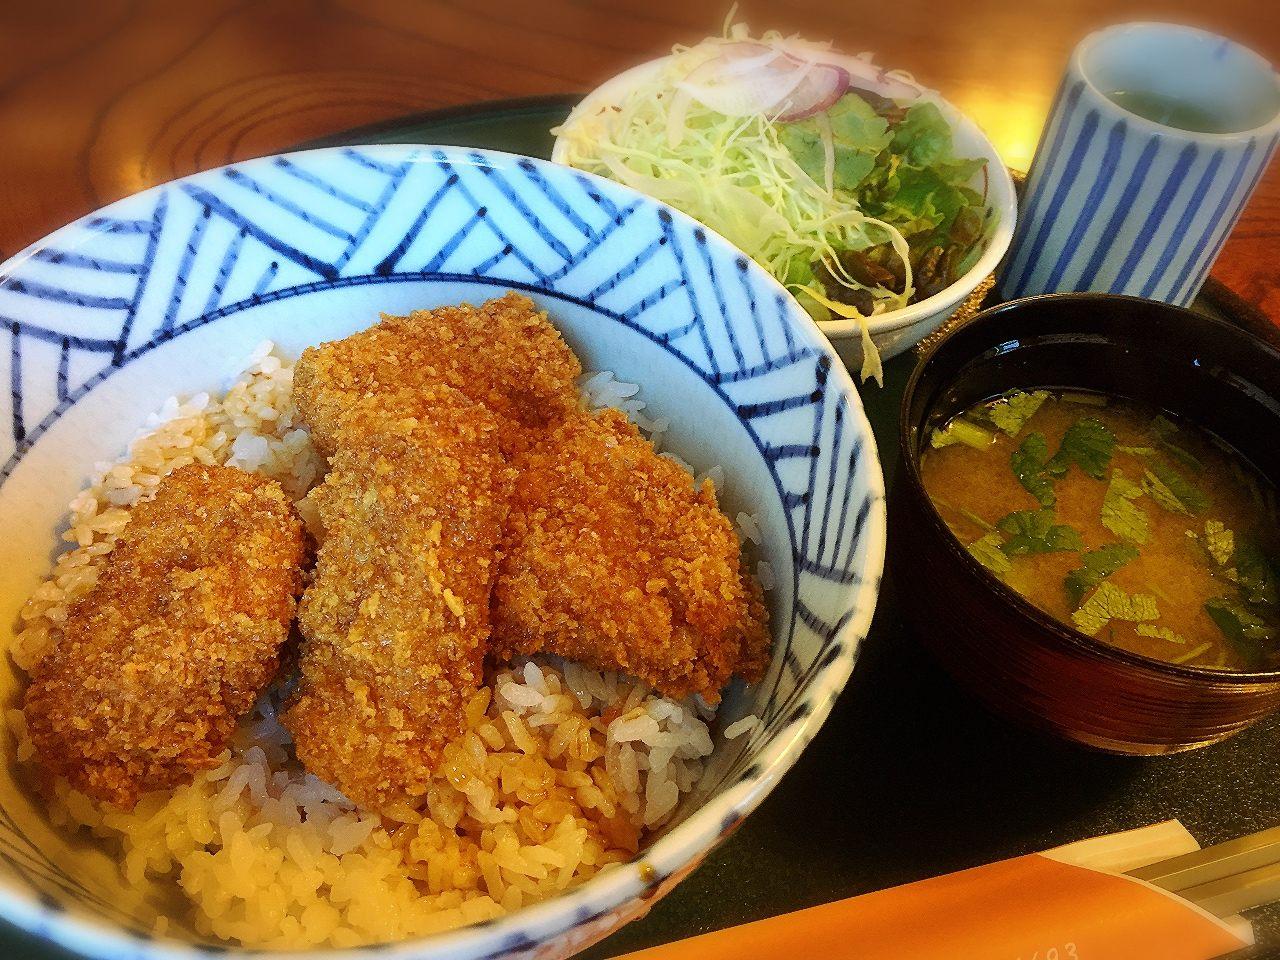 标准黑酱猪排丼套餐(附带4块猪排/味噌汤・沙拉・浅渍)